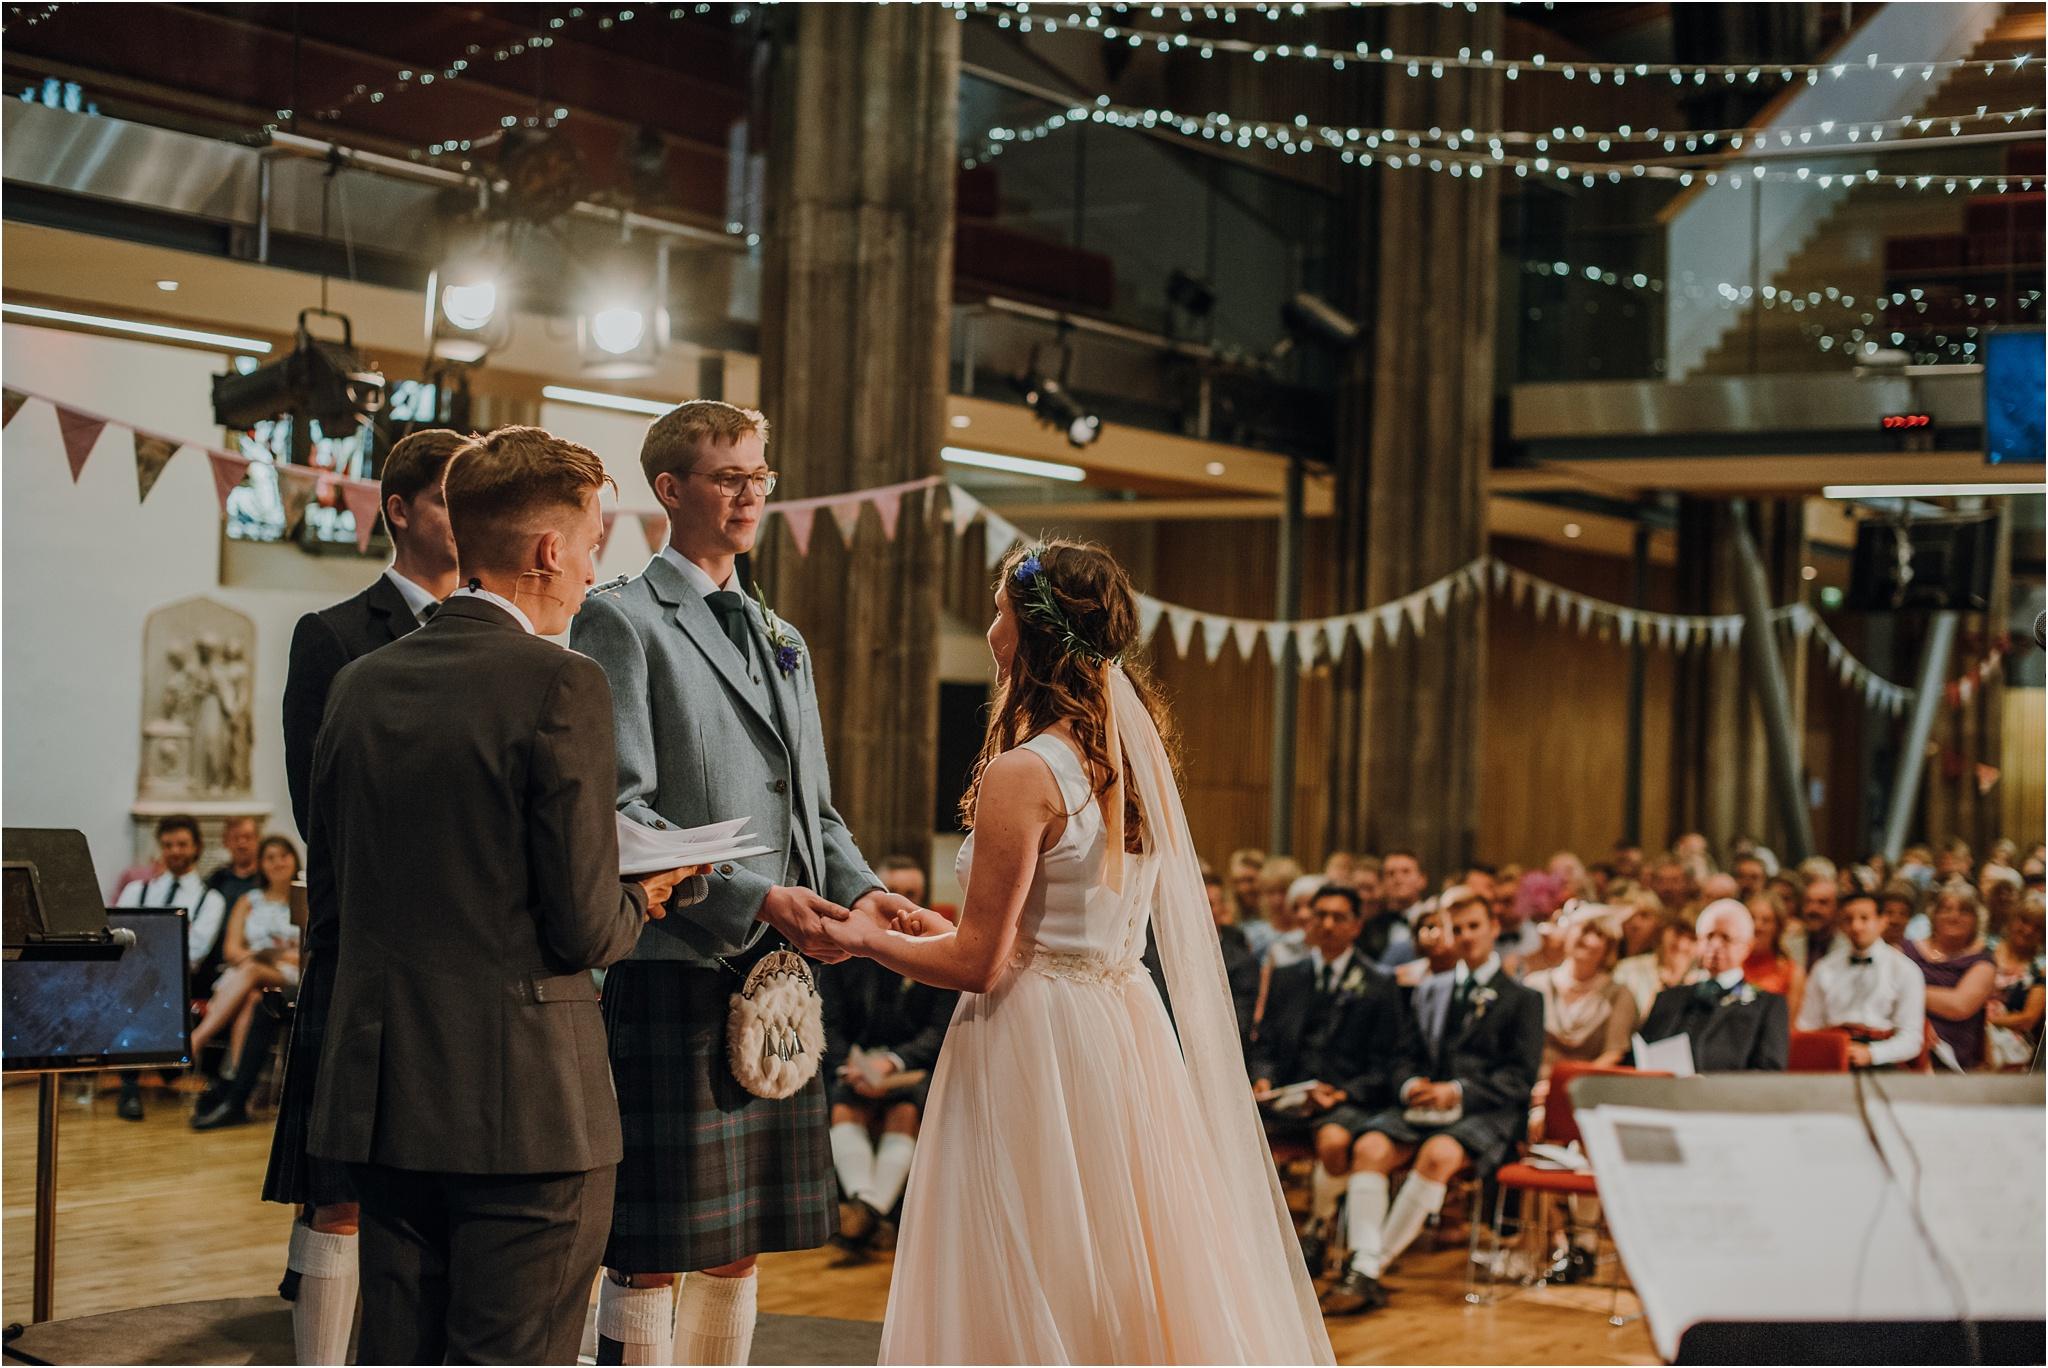 Edinburgh-barn-wedding-photographer_35.jpg